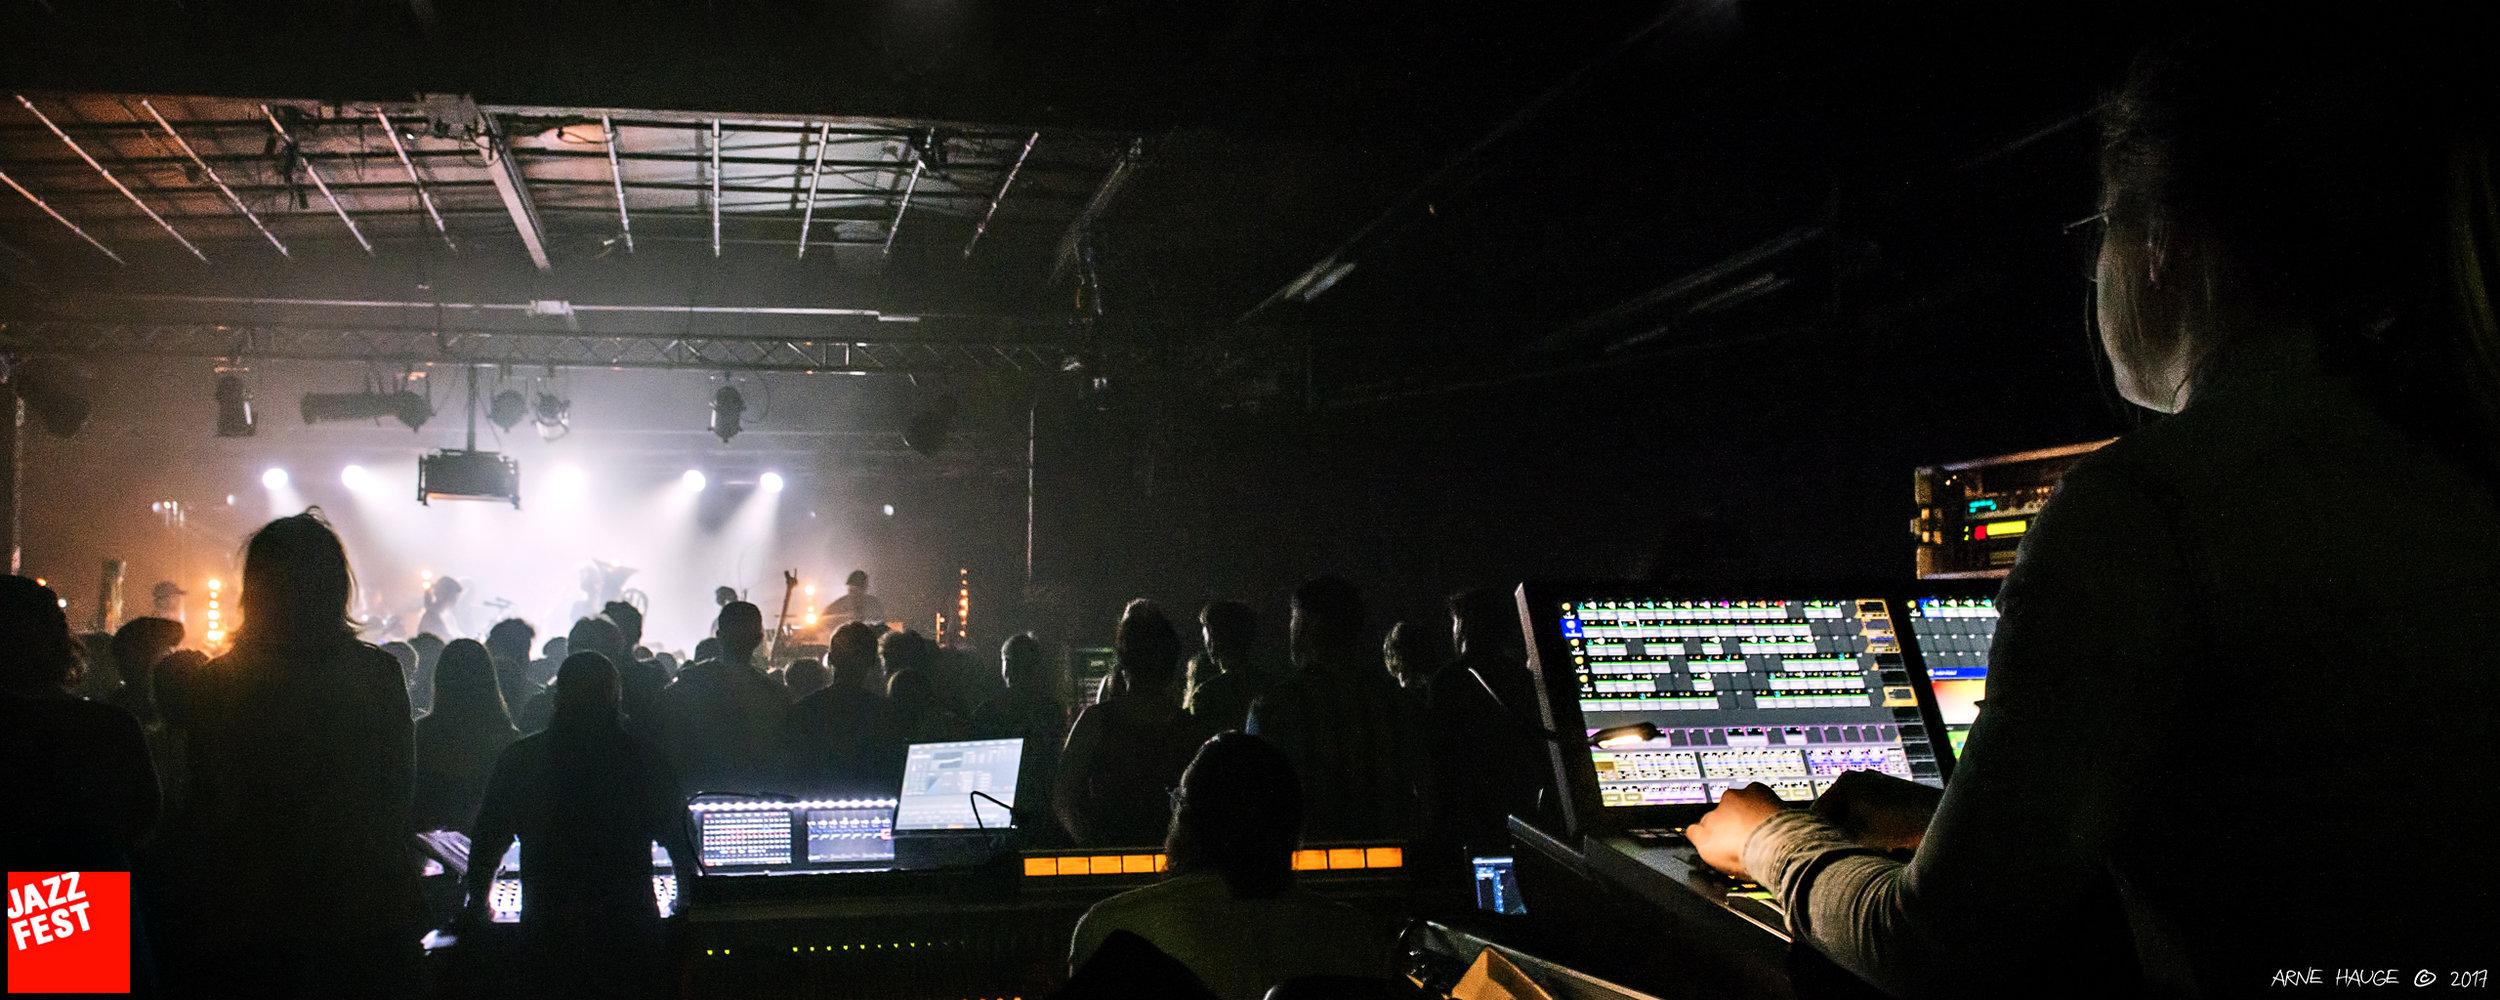 Trondheim Jazz Orch & Skrap_12.jpg